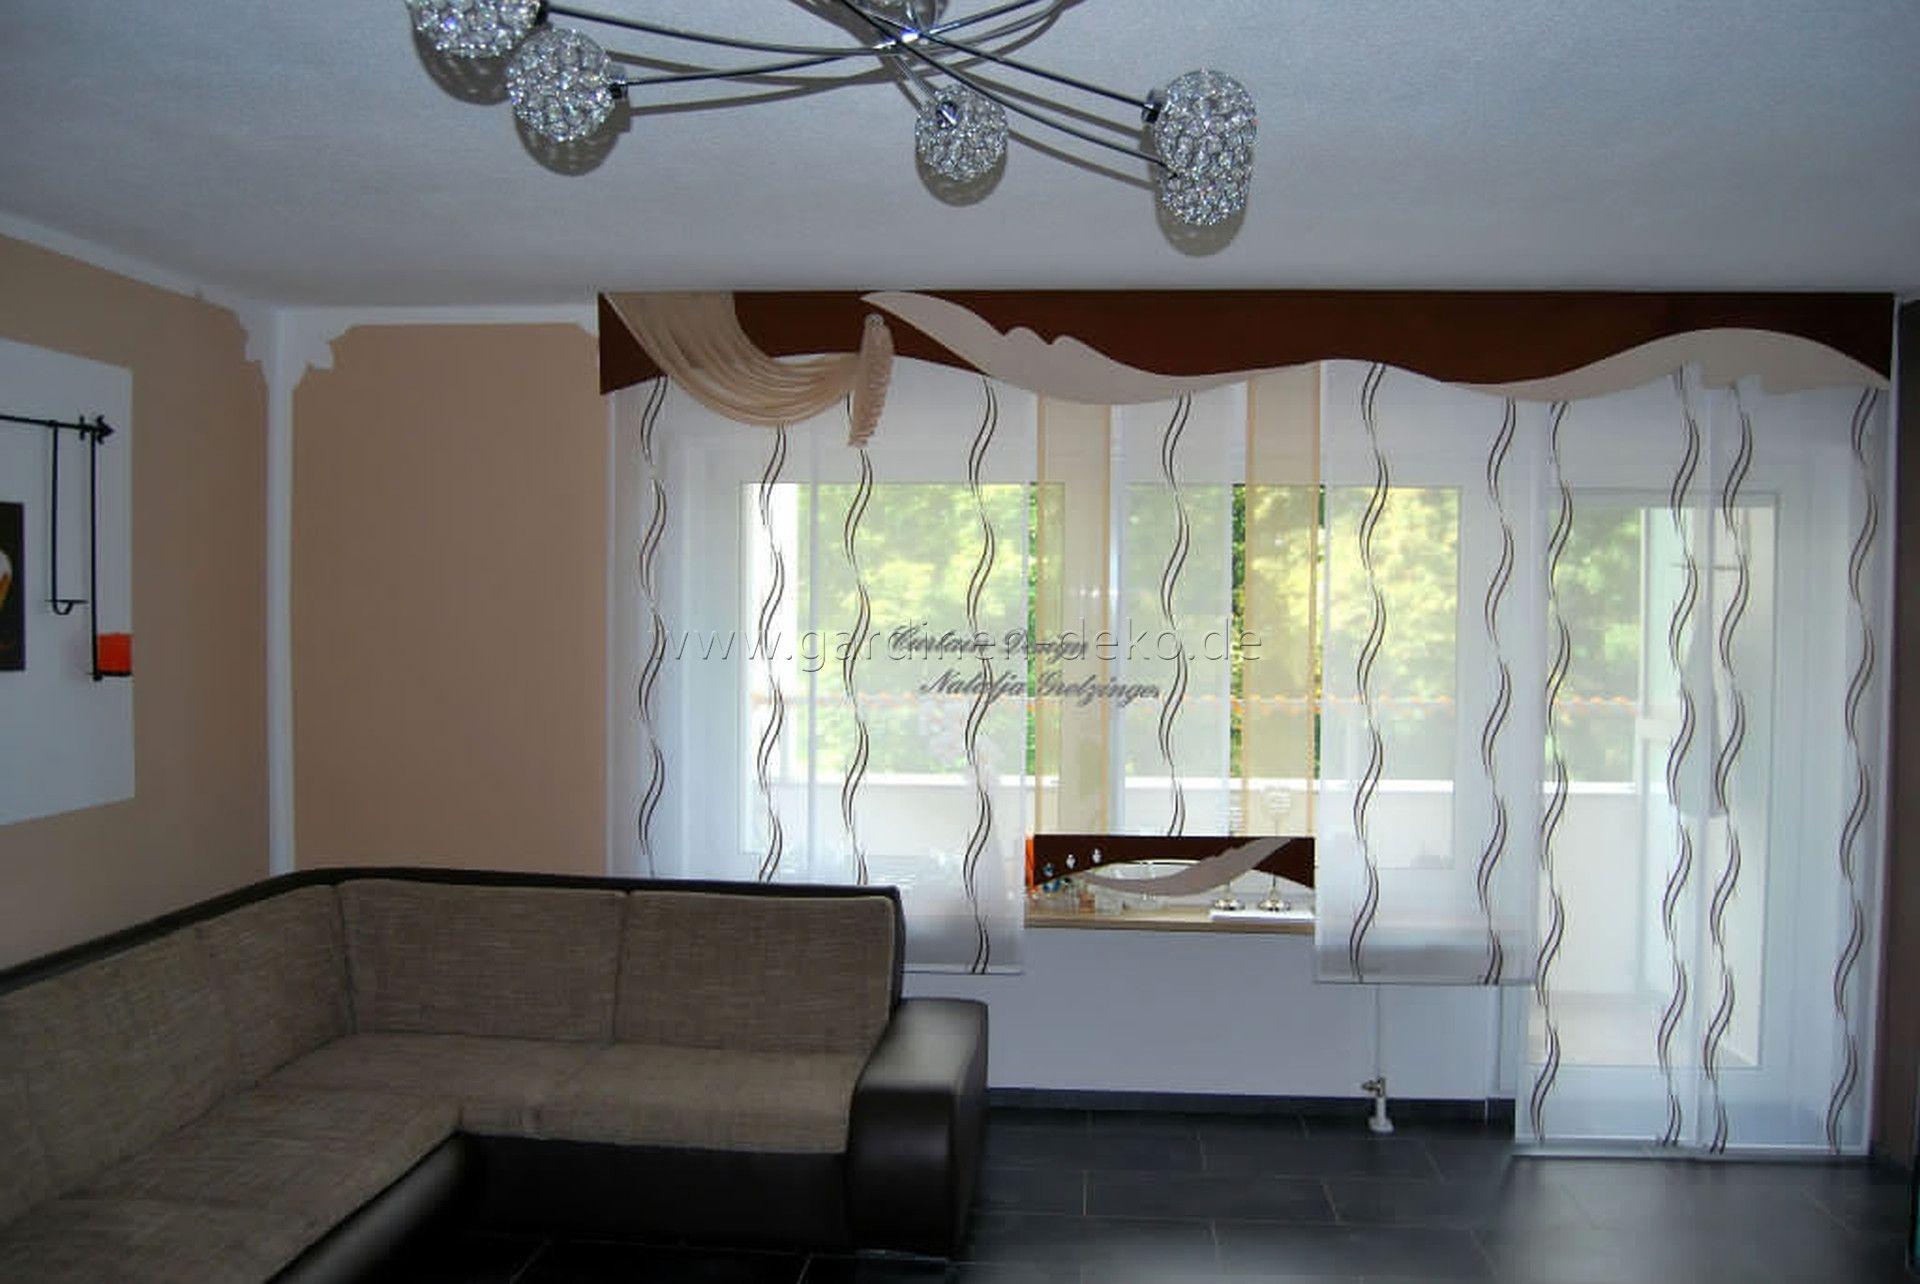 Moderner und heller Schiebevorhang frs Wohnzimmer  http